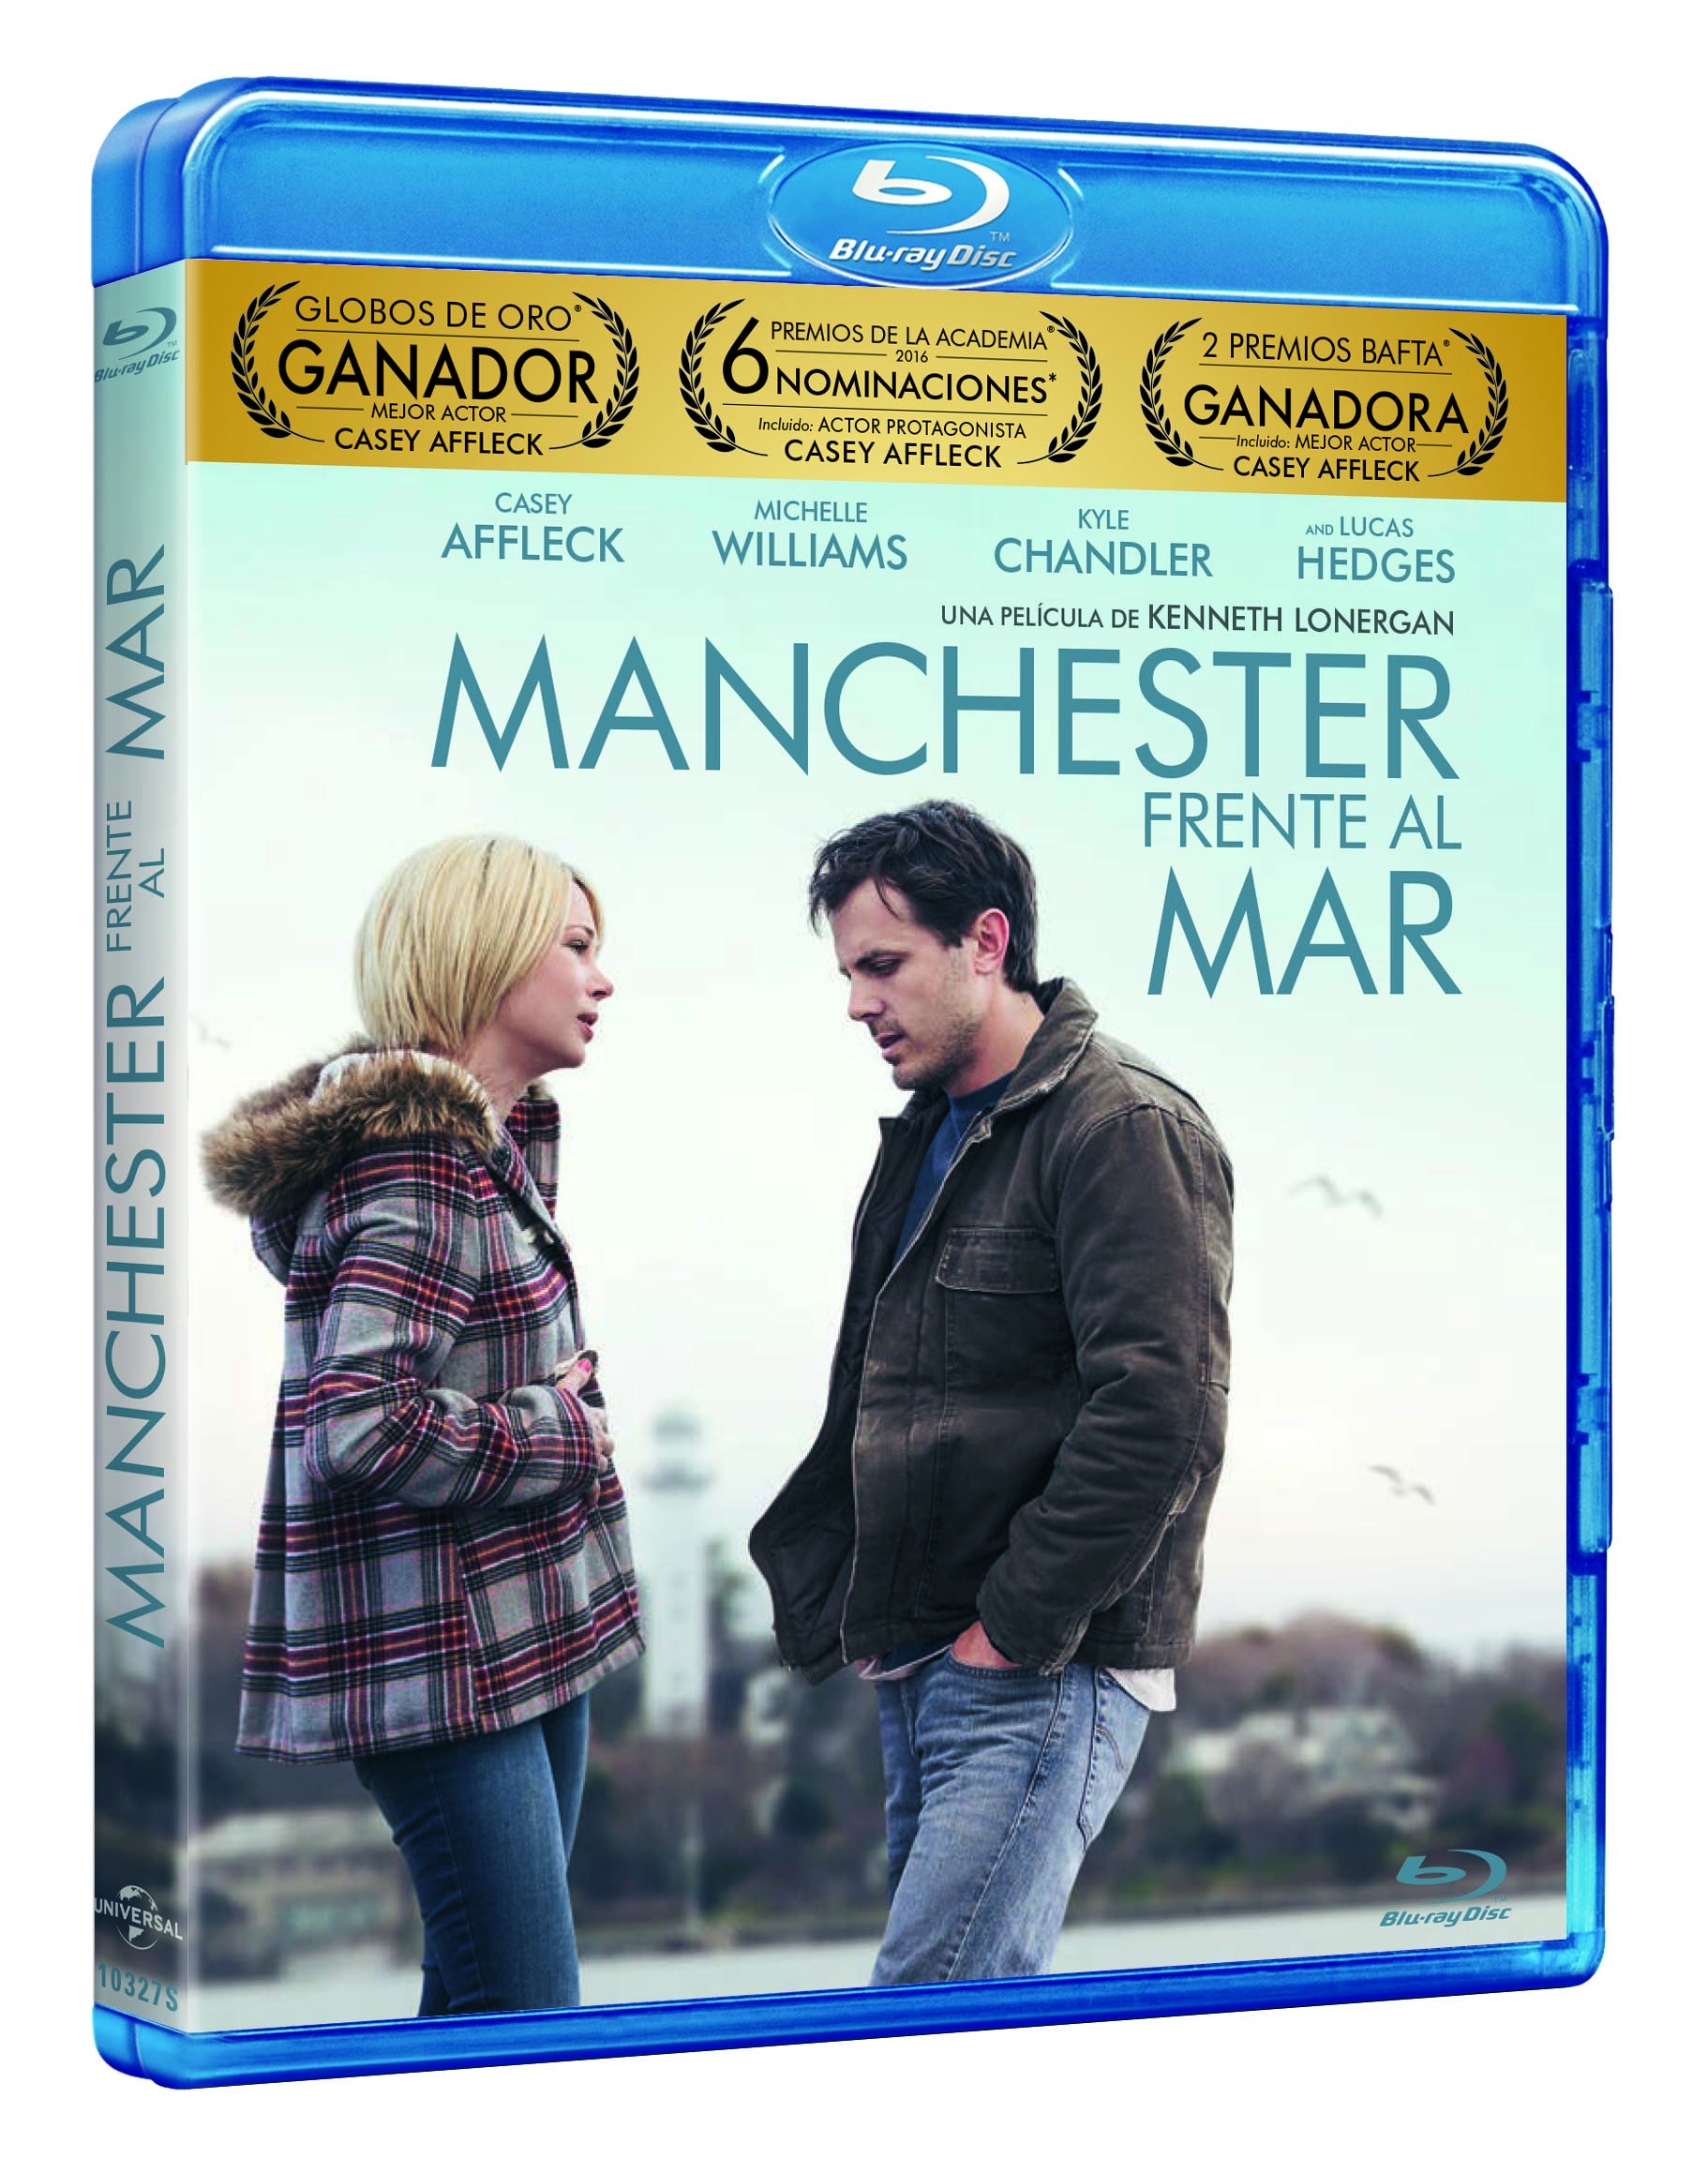 """""""Manchester frente al mar"""" en Blu-ray y Dvd el 7 de junio • En tu pantalla"""